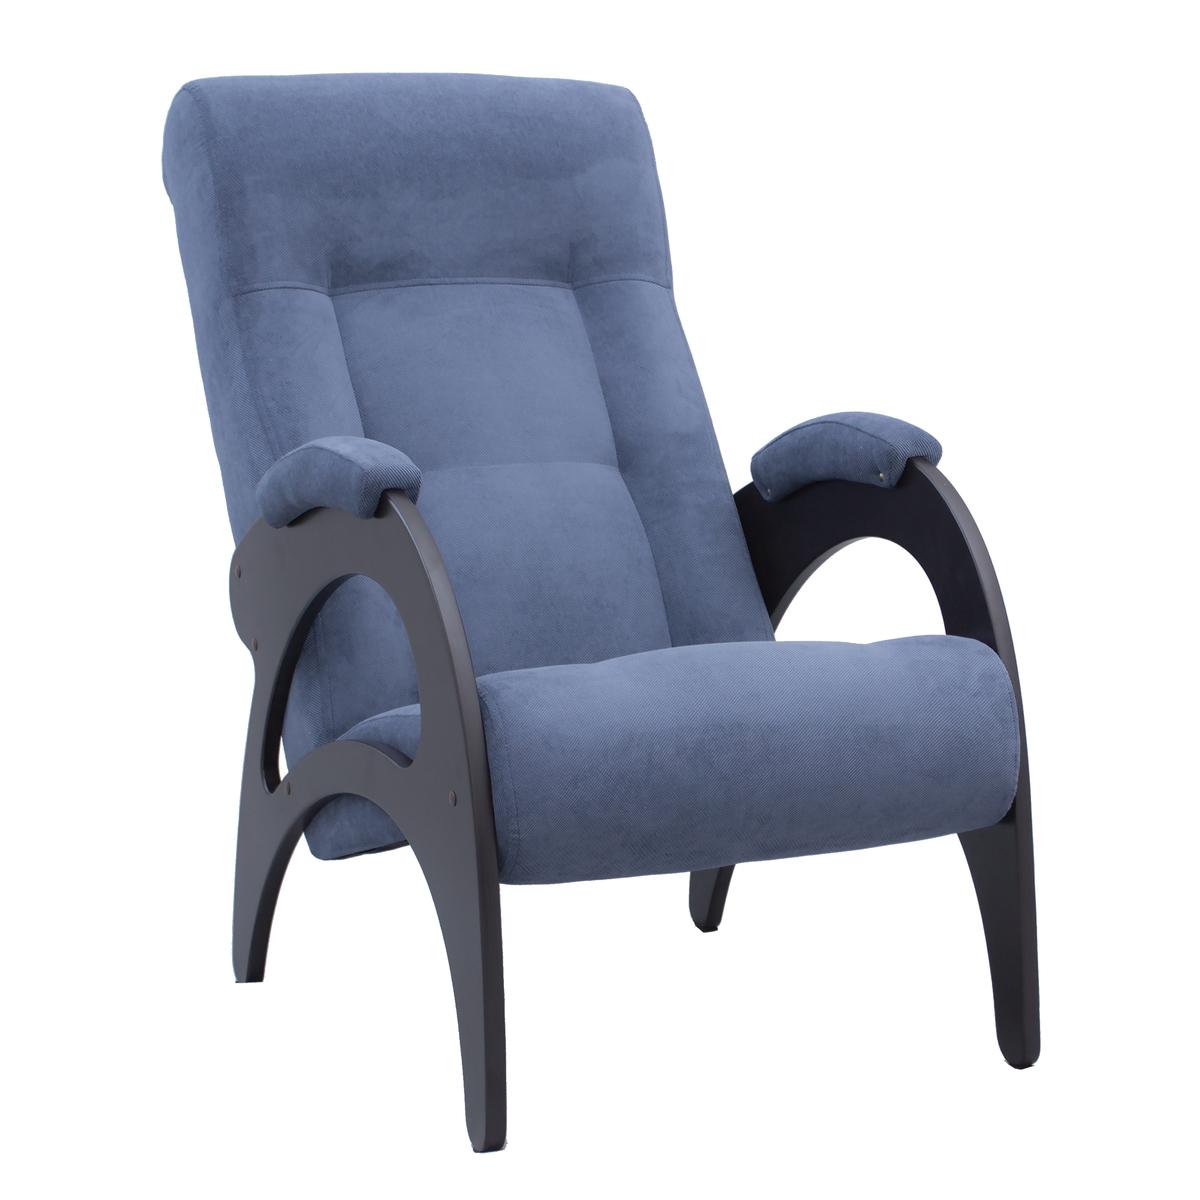 того, картинка кресло для отдыха электроснабжение уссурийске